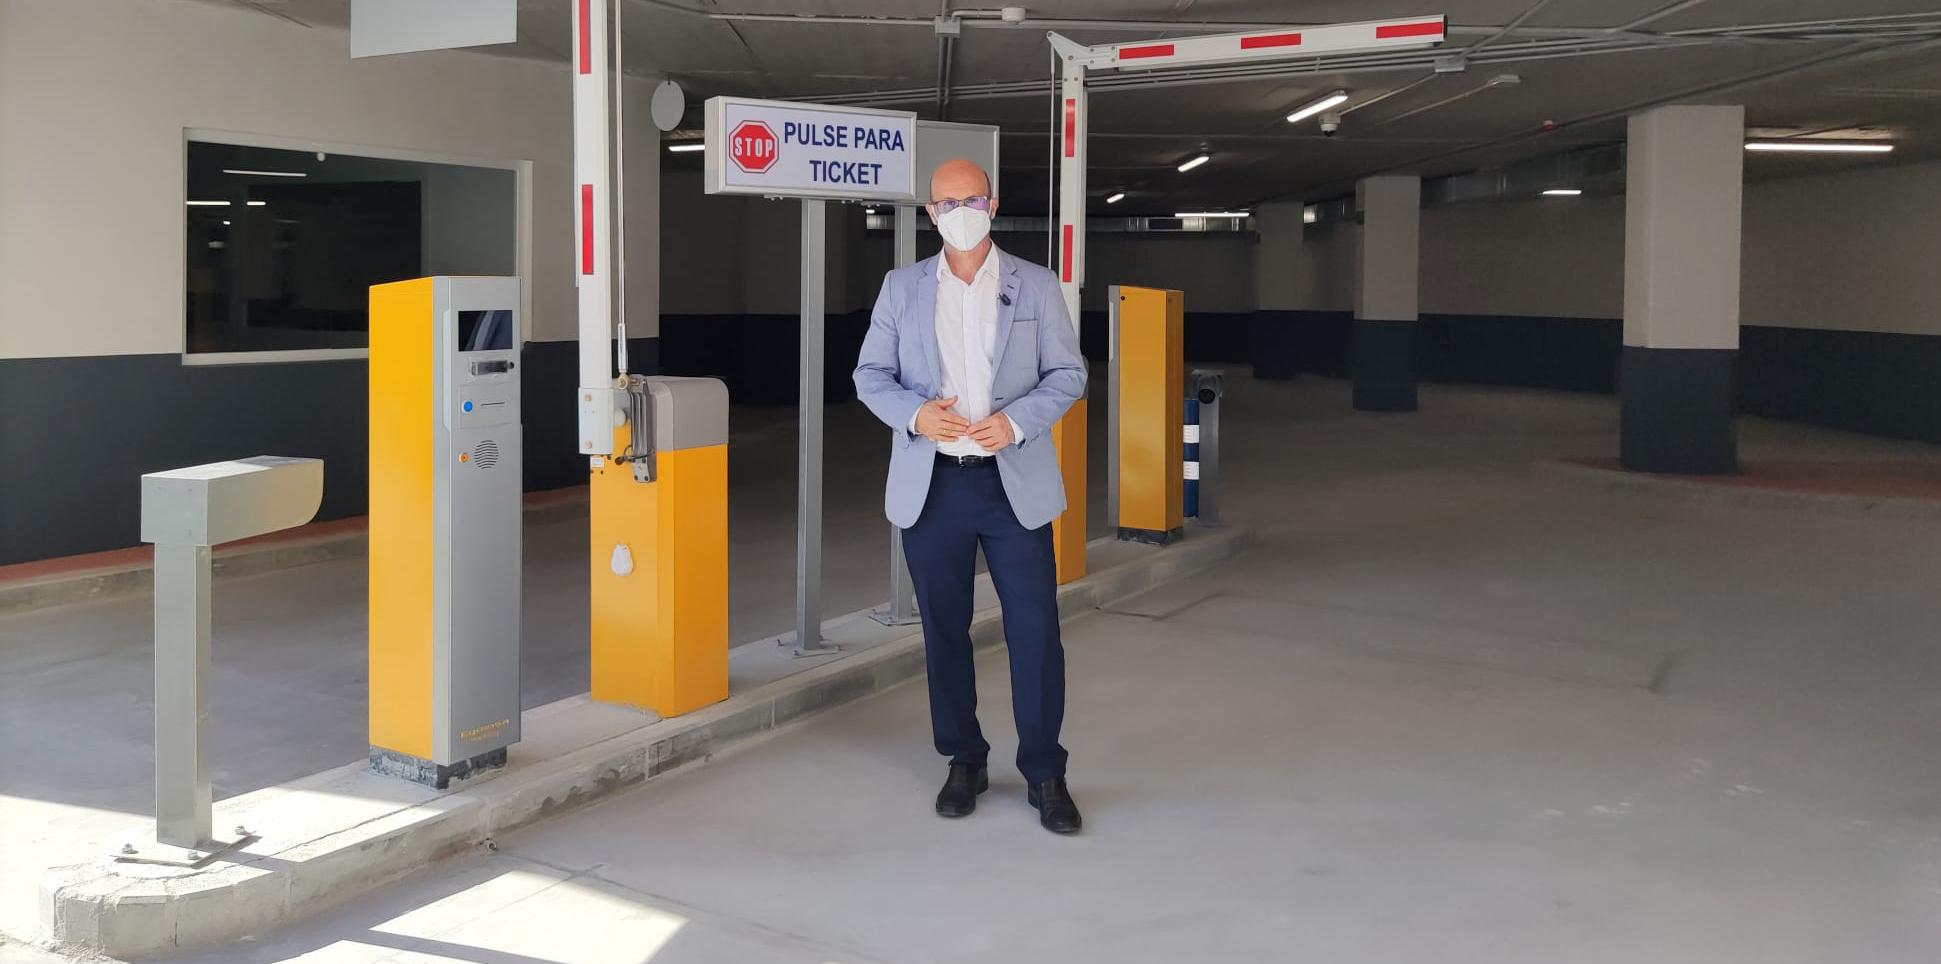 El parking de El Juncal ultima su puesta a punto